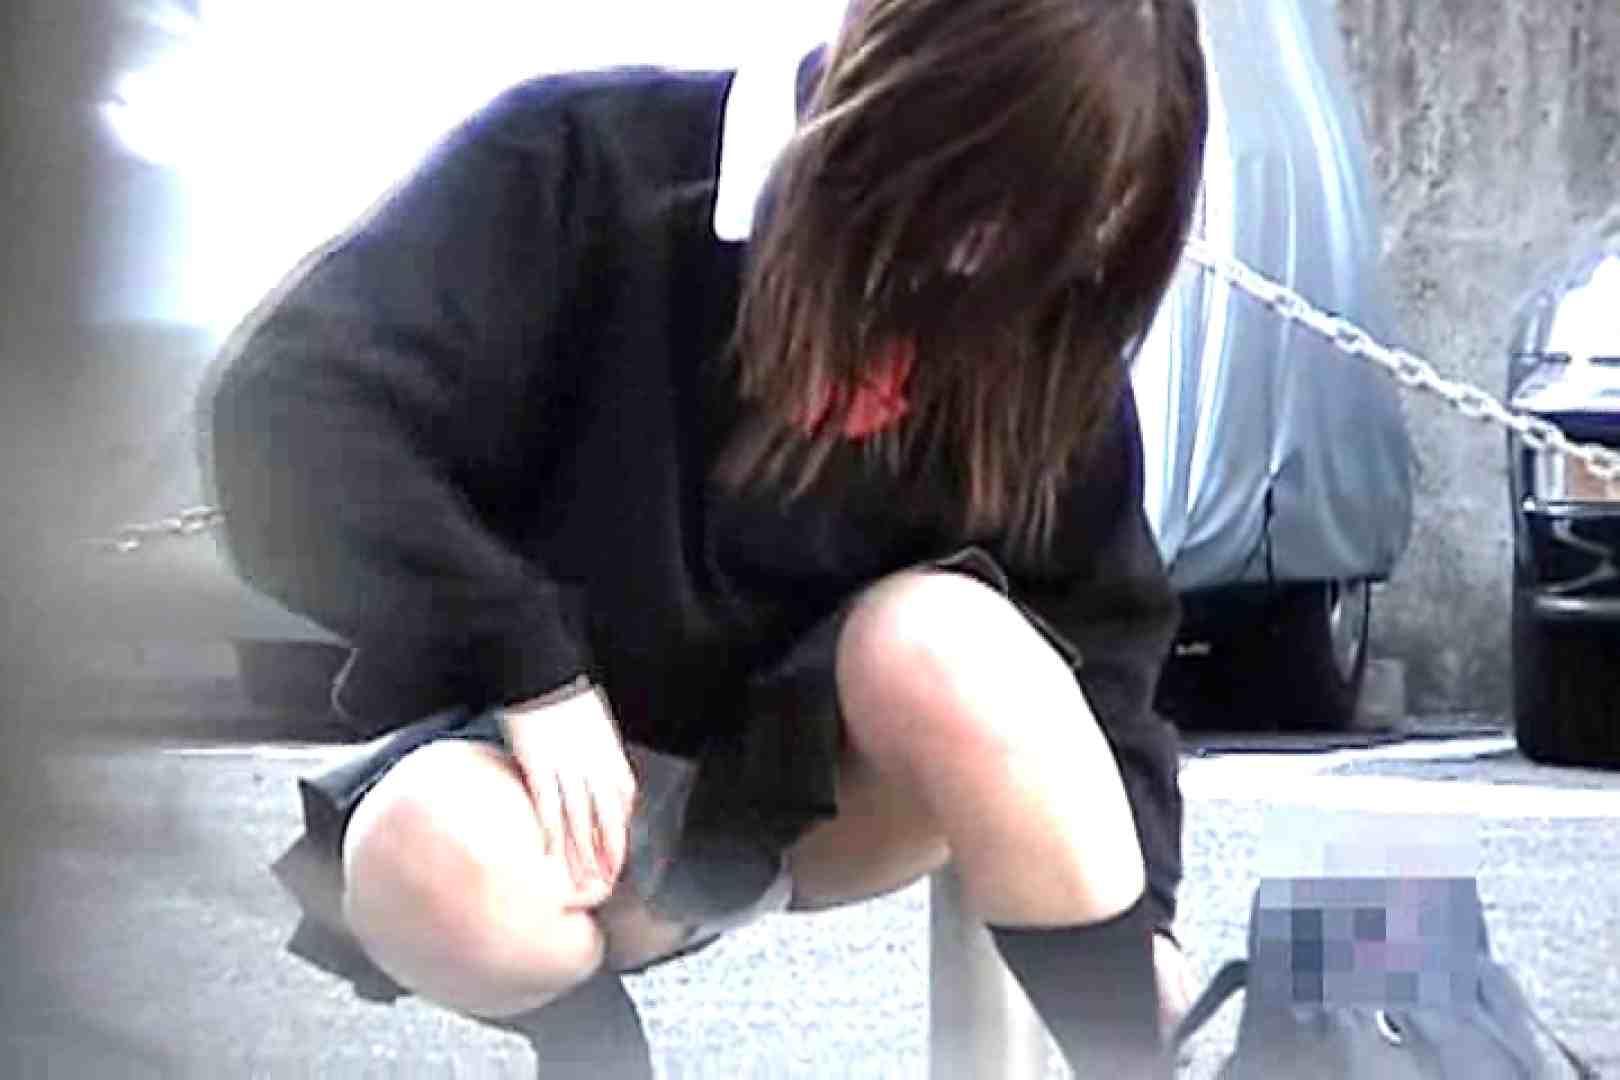 マンチラインパクトVol.6 ミニスカート 覗きワレメ動画紹介 78画像 14